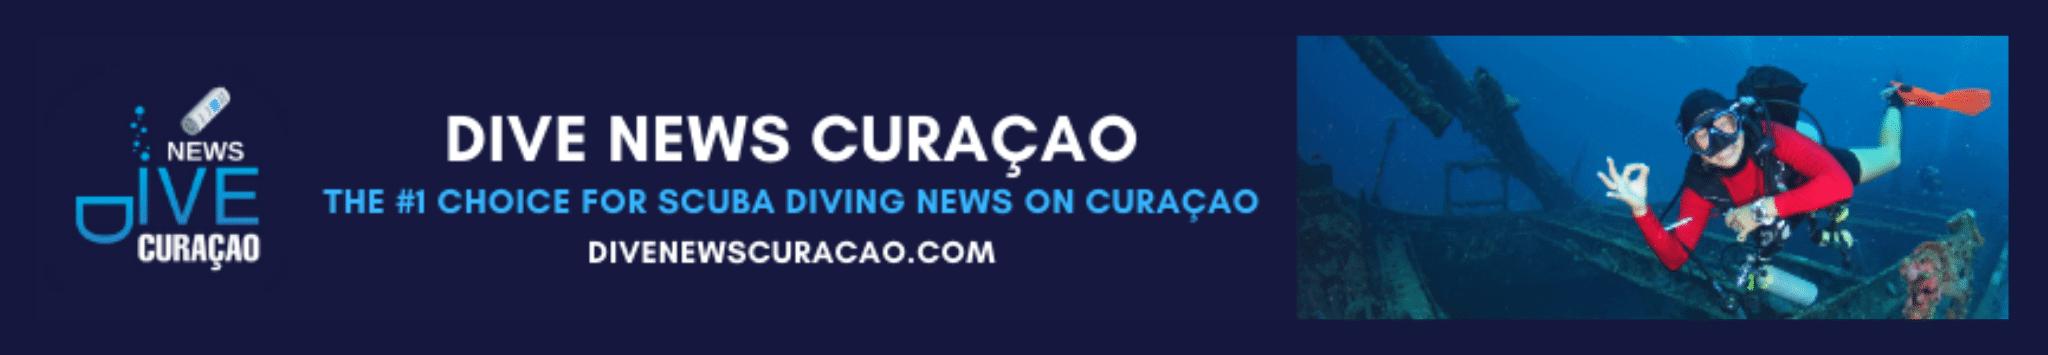 Dive News Curaçao | Dive Curaçao Partners